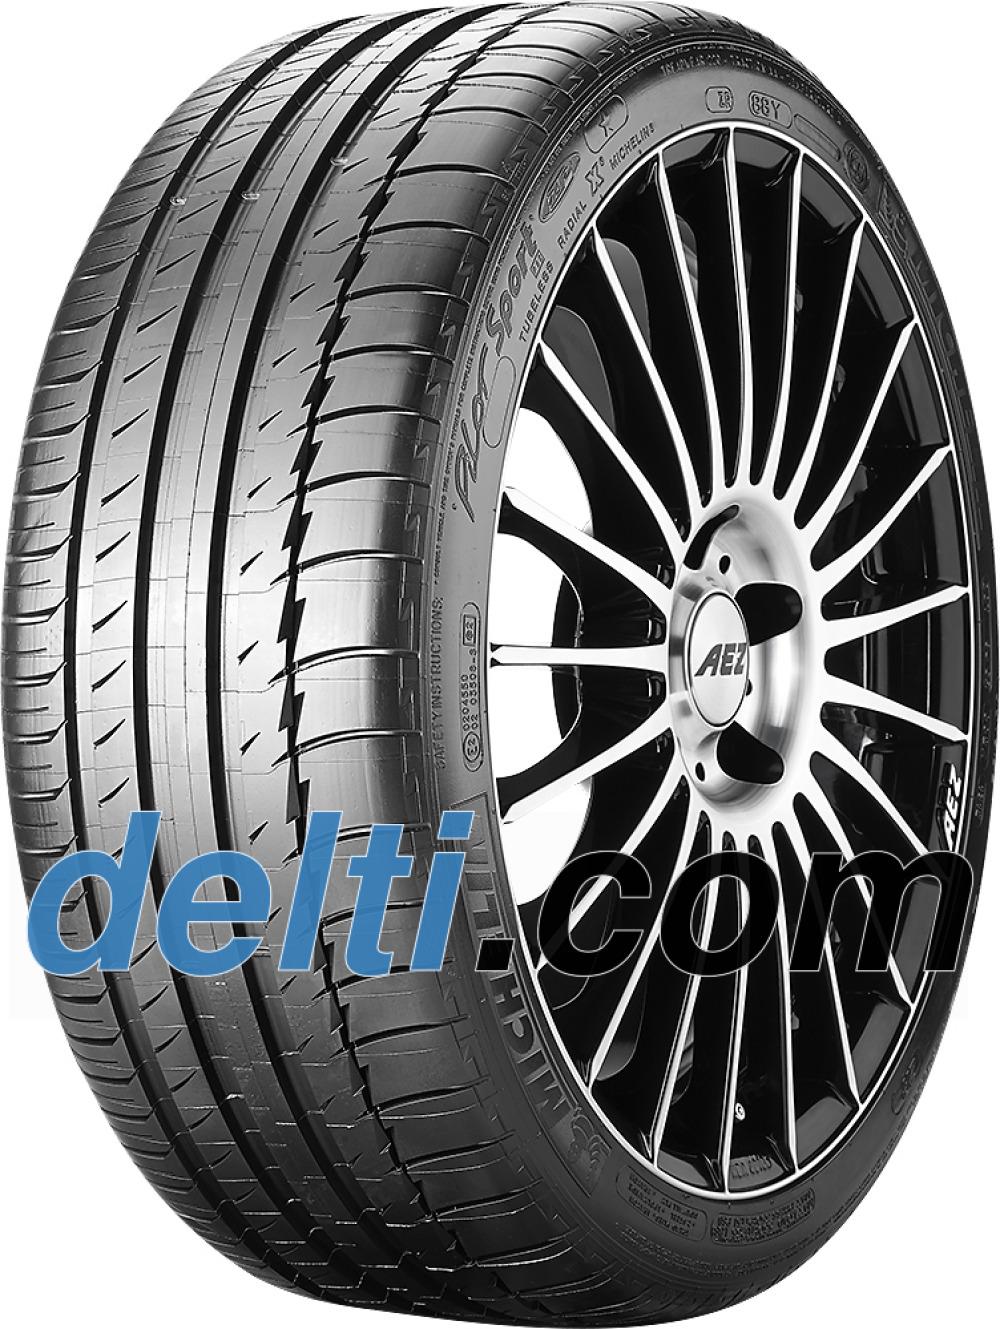 Michelin Pilot Sport PS2 ZP ( 275/35 ZR18 95Y runflat, con cordón de protección de llanta (FSL) )